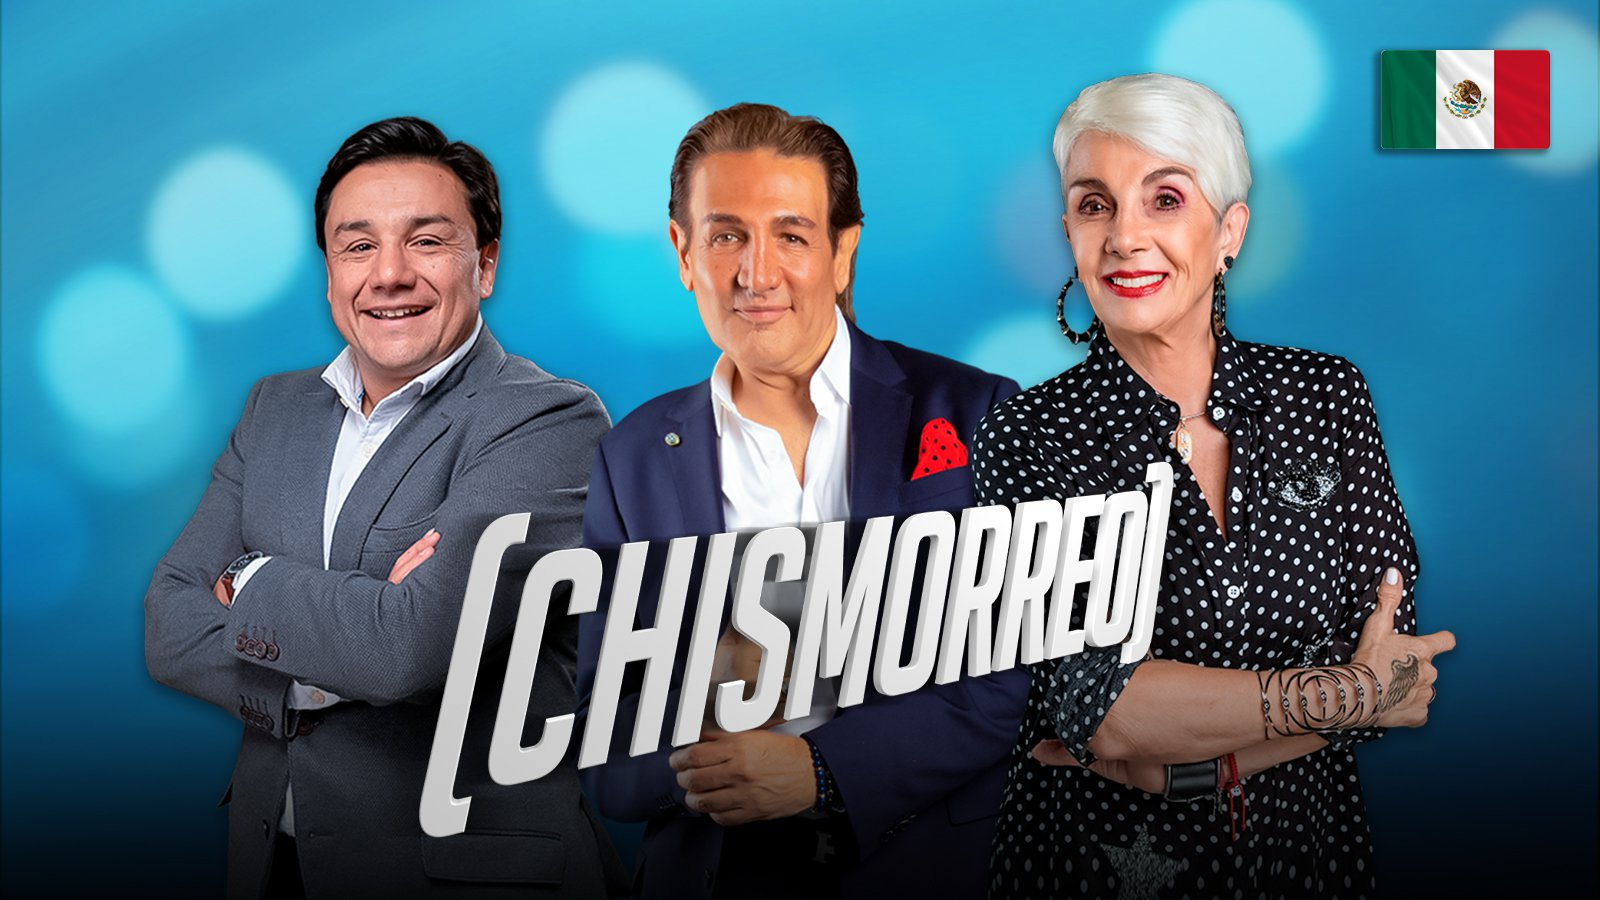 Chismorreo poster